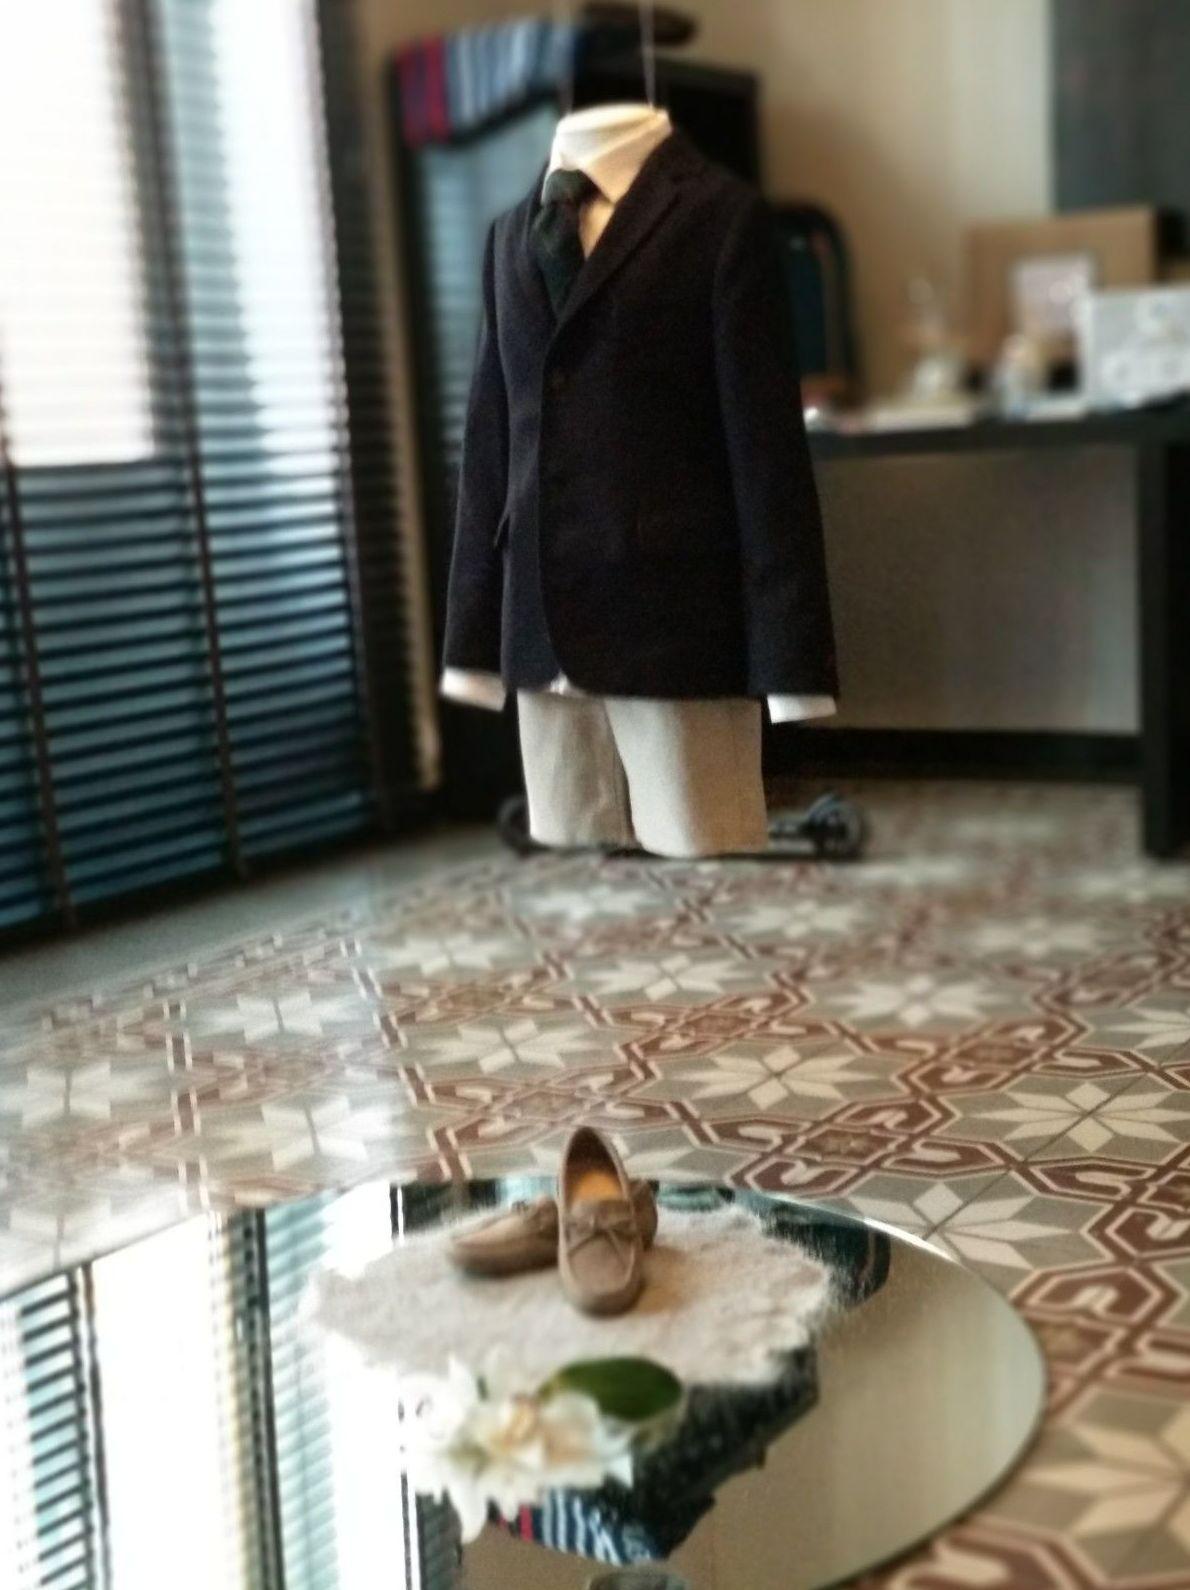 Alquiler de maniquies para exposición de trajes de comunión